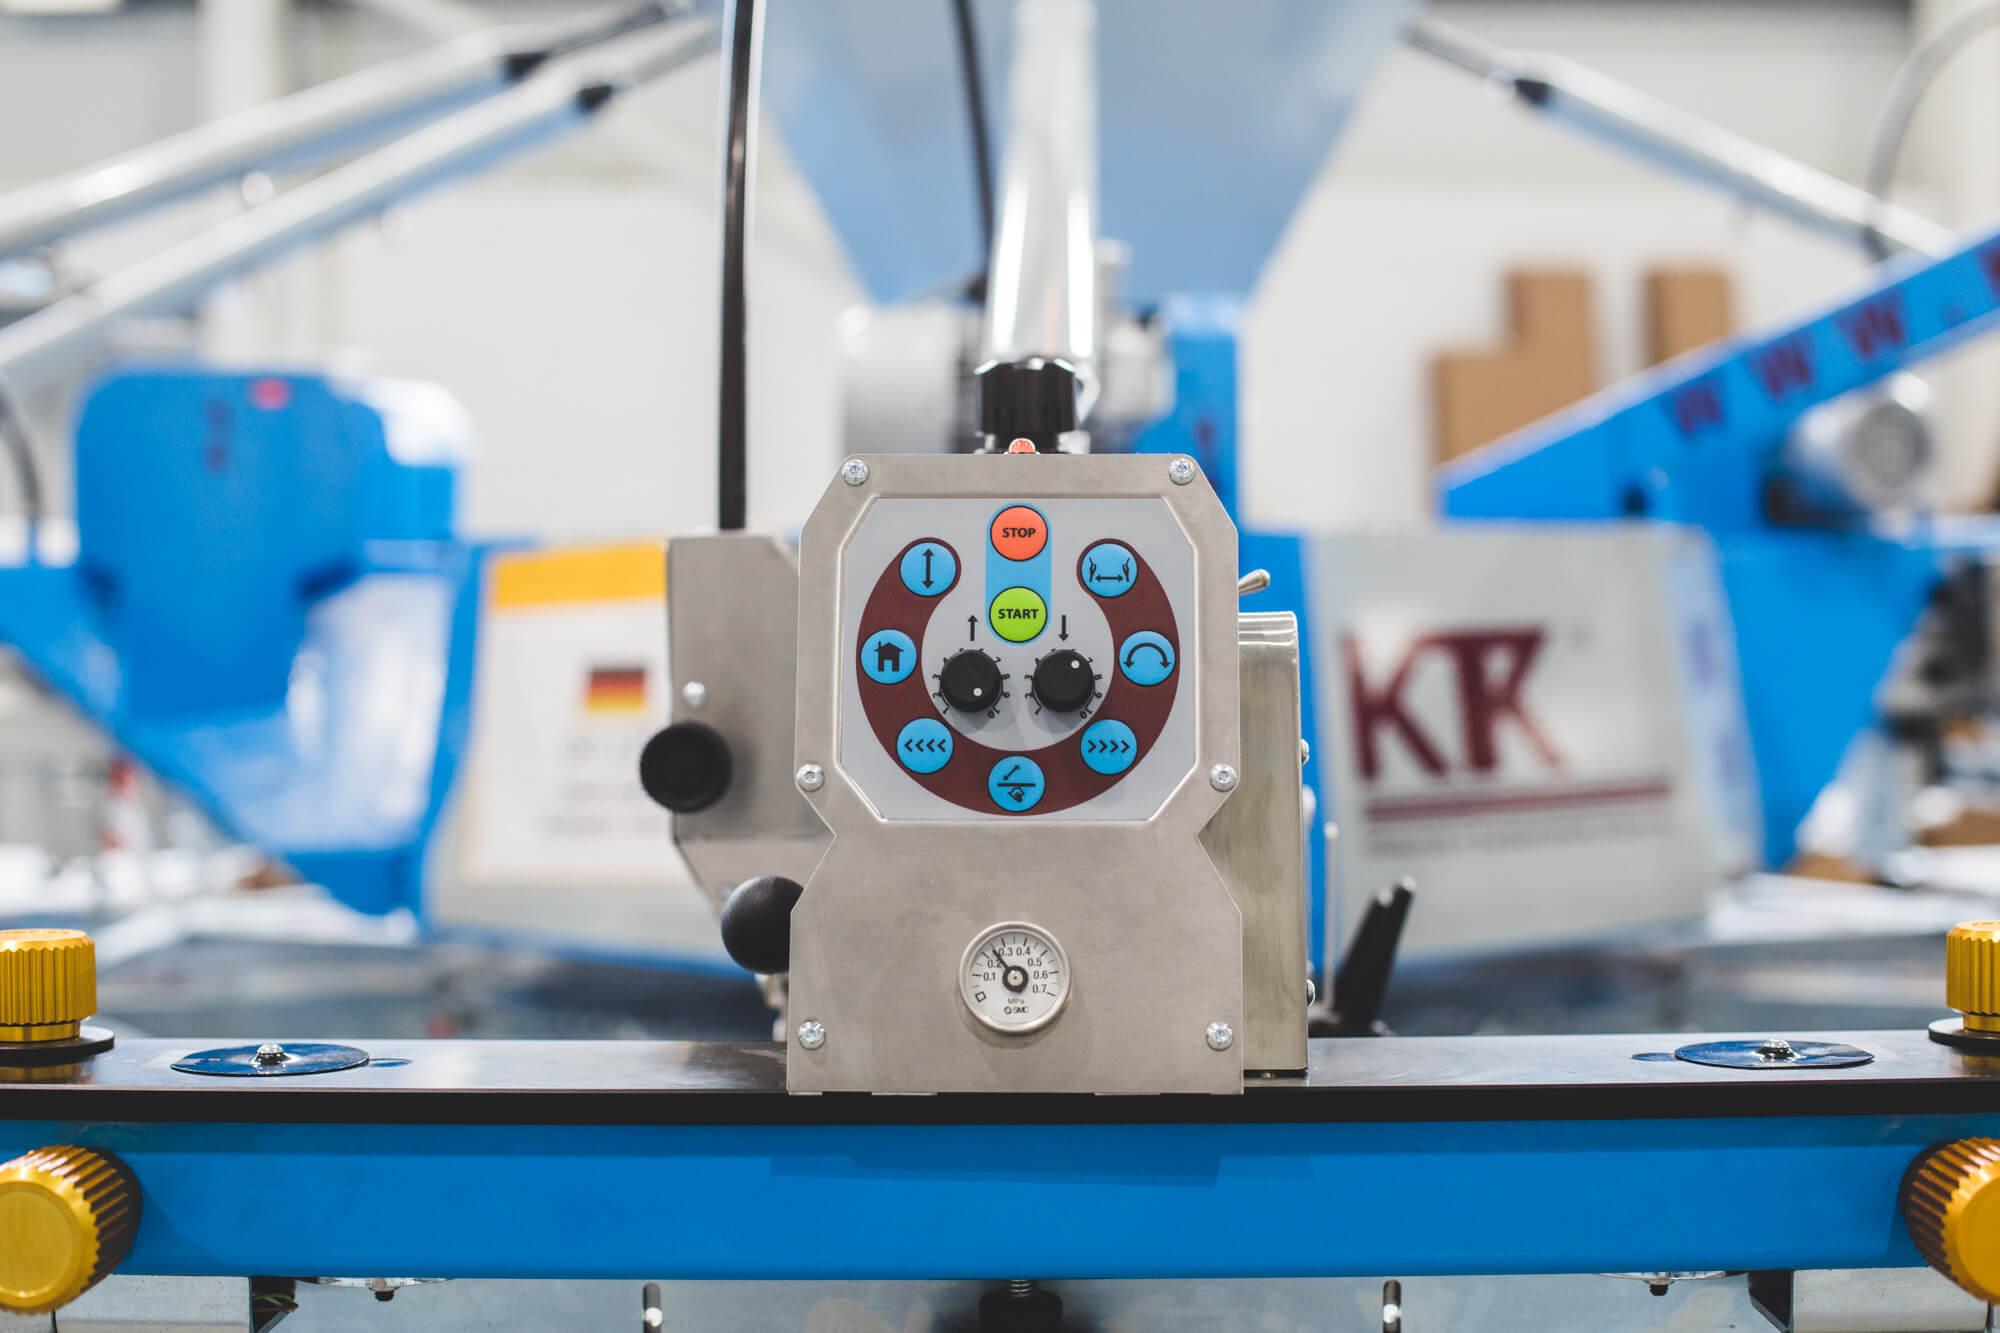 KTK présente de nouvelles machines à la FESPA de Munich